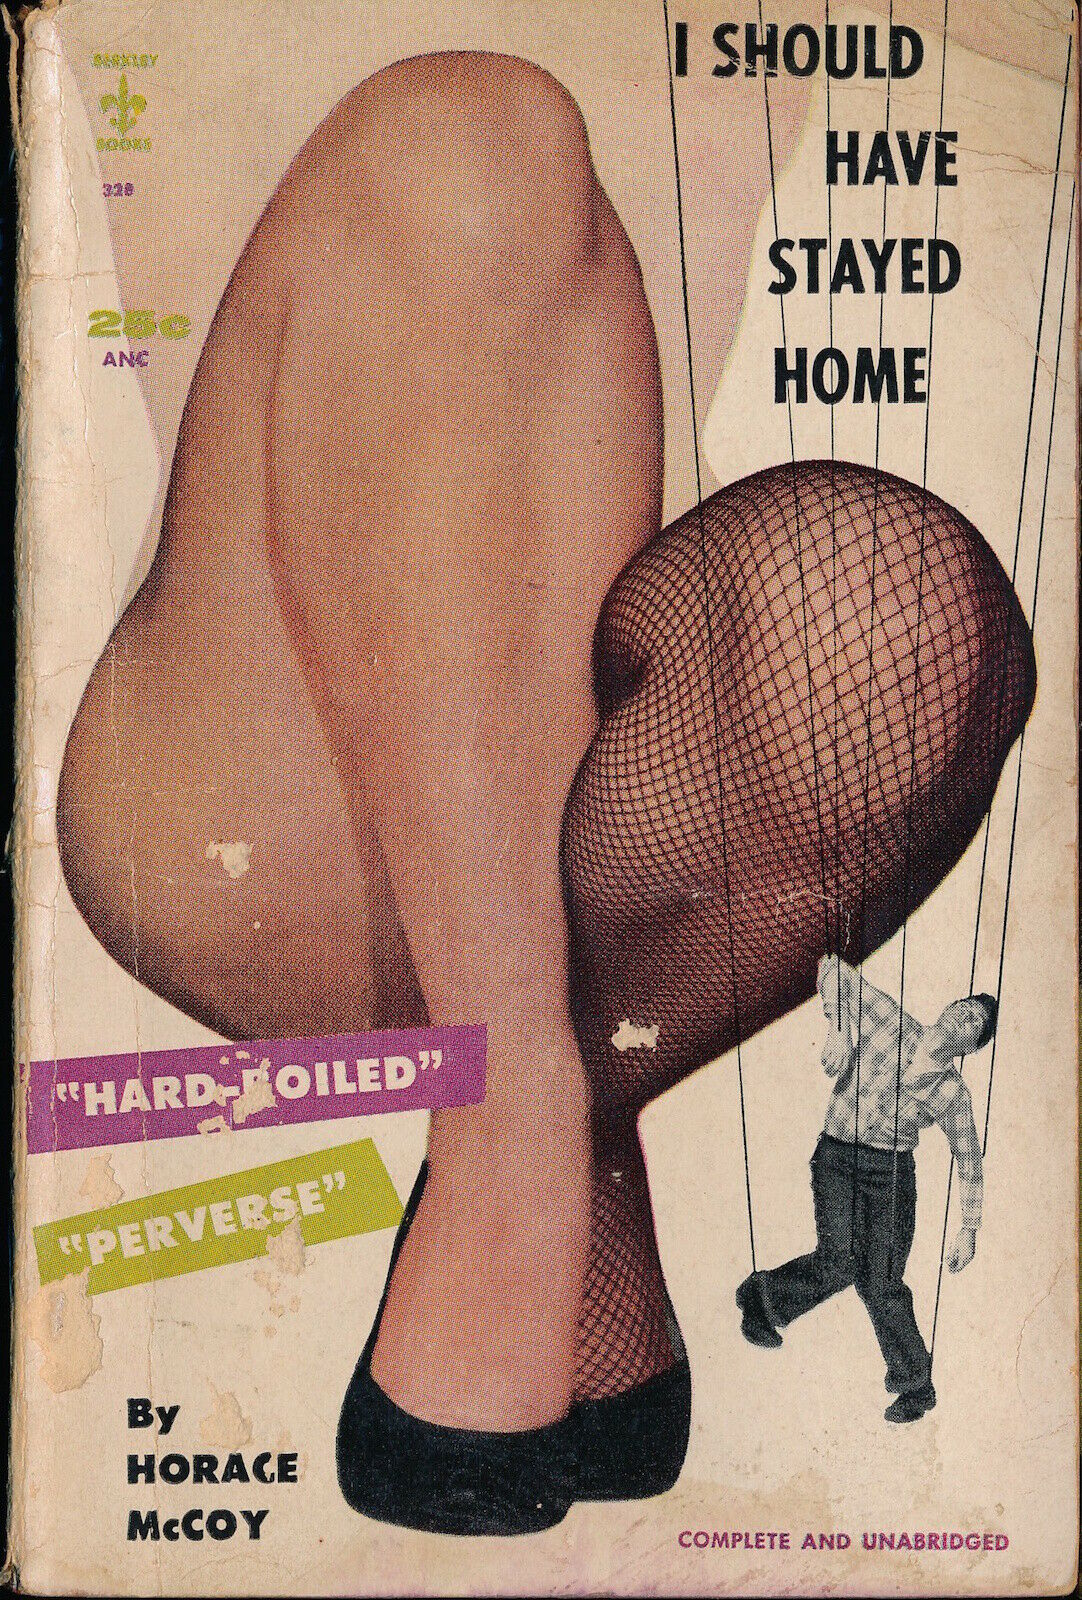 I SHOULD HAVE STAYED HOME Horace Mccoy HARDBOILED Vtg Paperback 1955 RC 127009 - $5.00